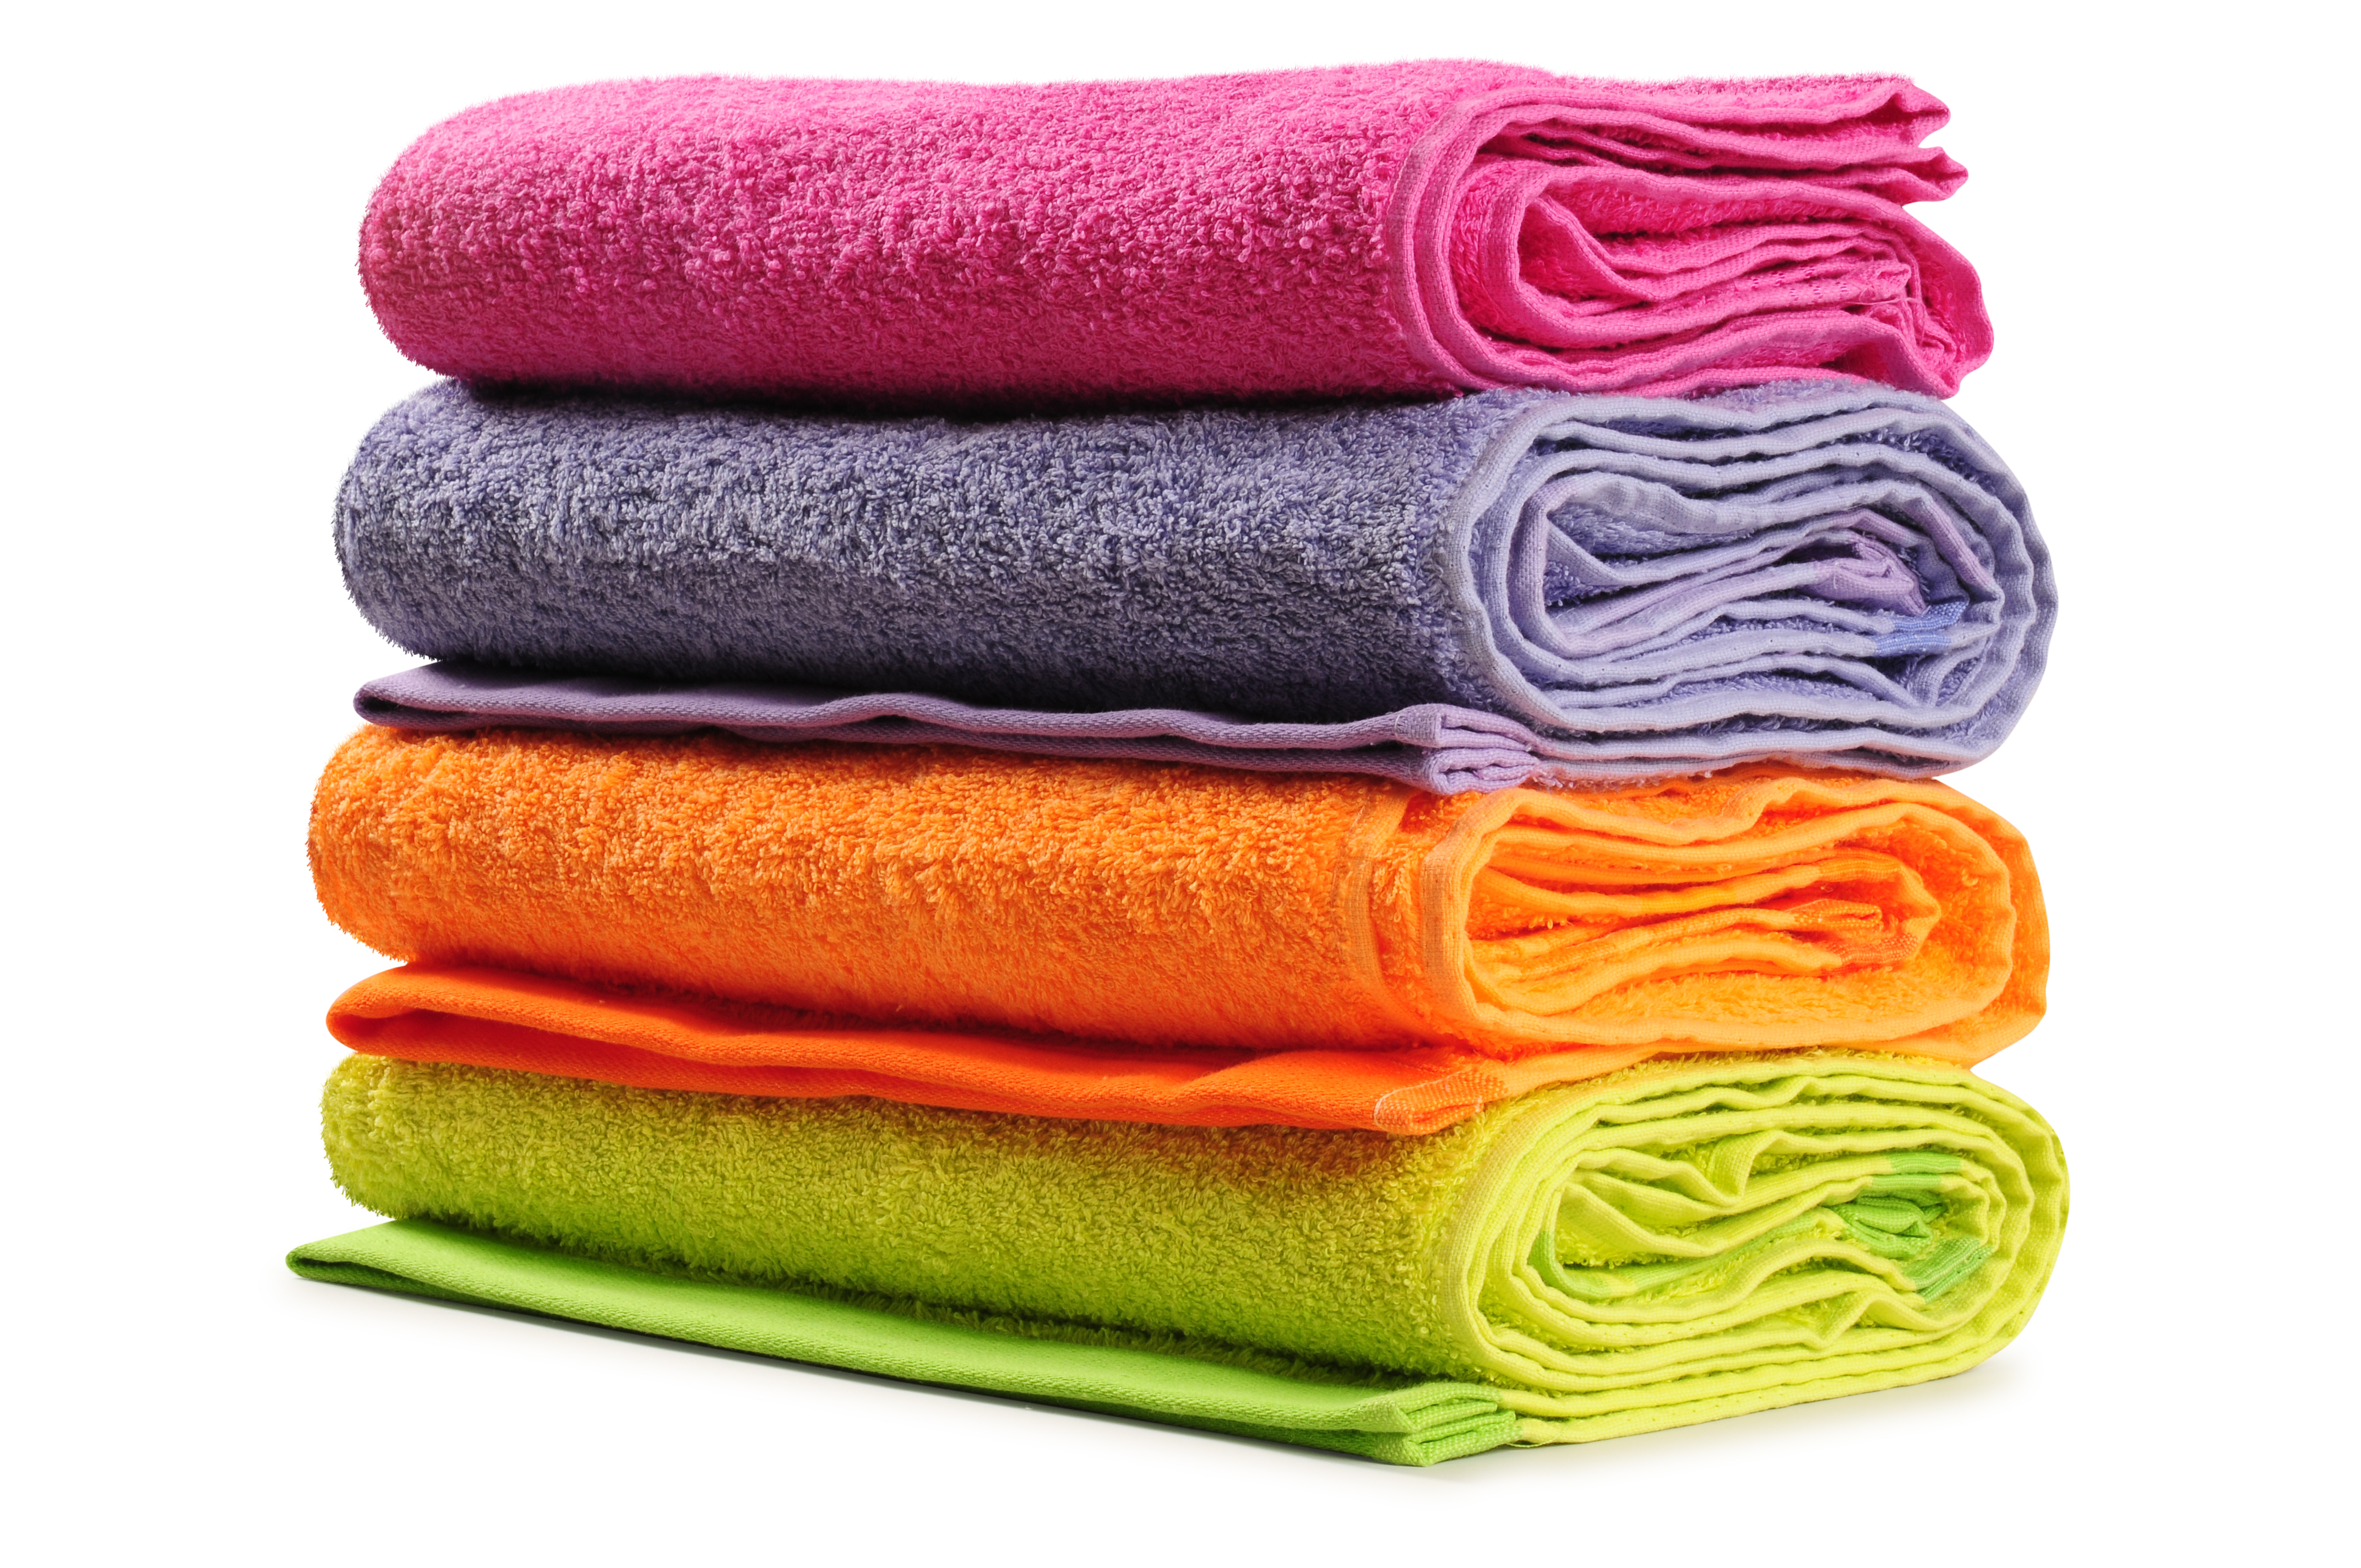 Plain dyed cotton towels.